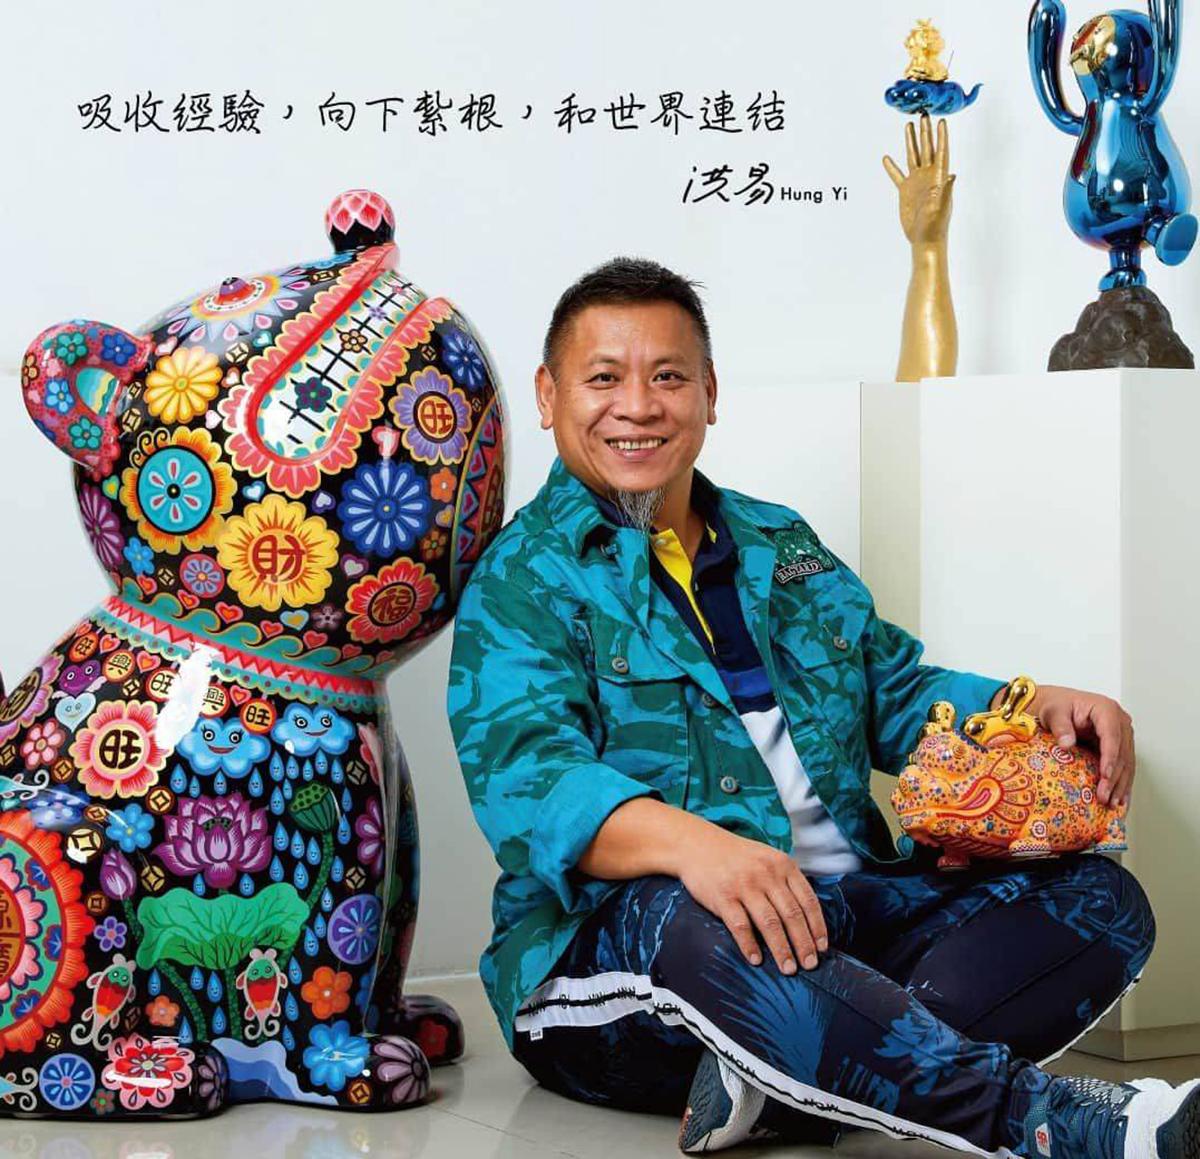 洪易美術館的洪易大師特別送來剛出爐的《無尾熊》以及大家都喜愛的《金錢鼠》喜氣充滿了整個展場